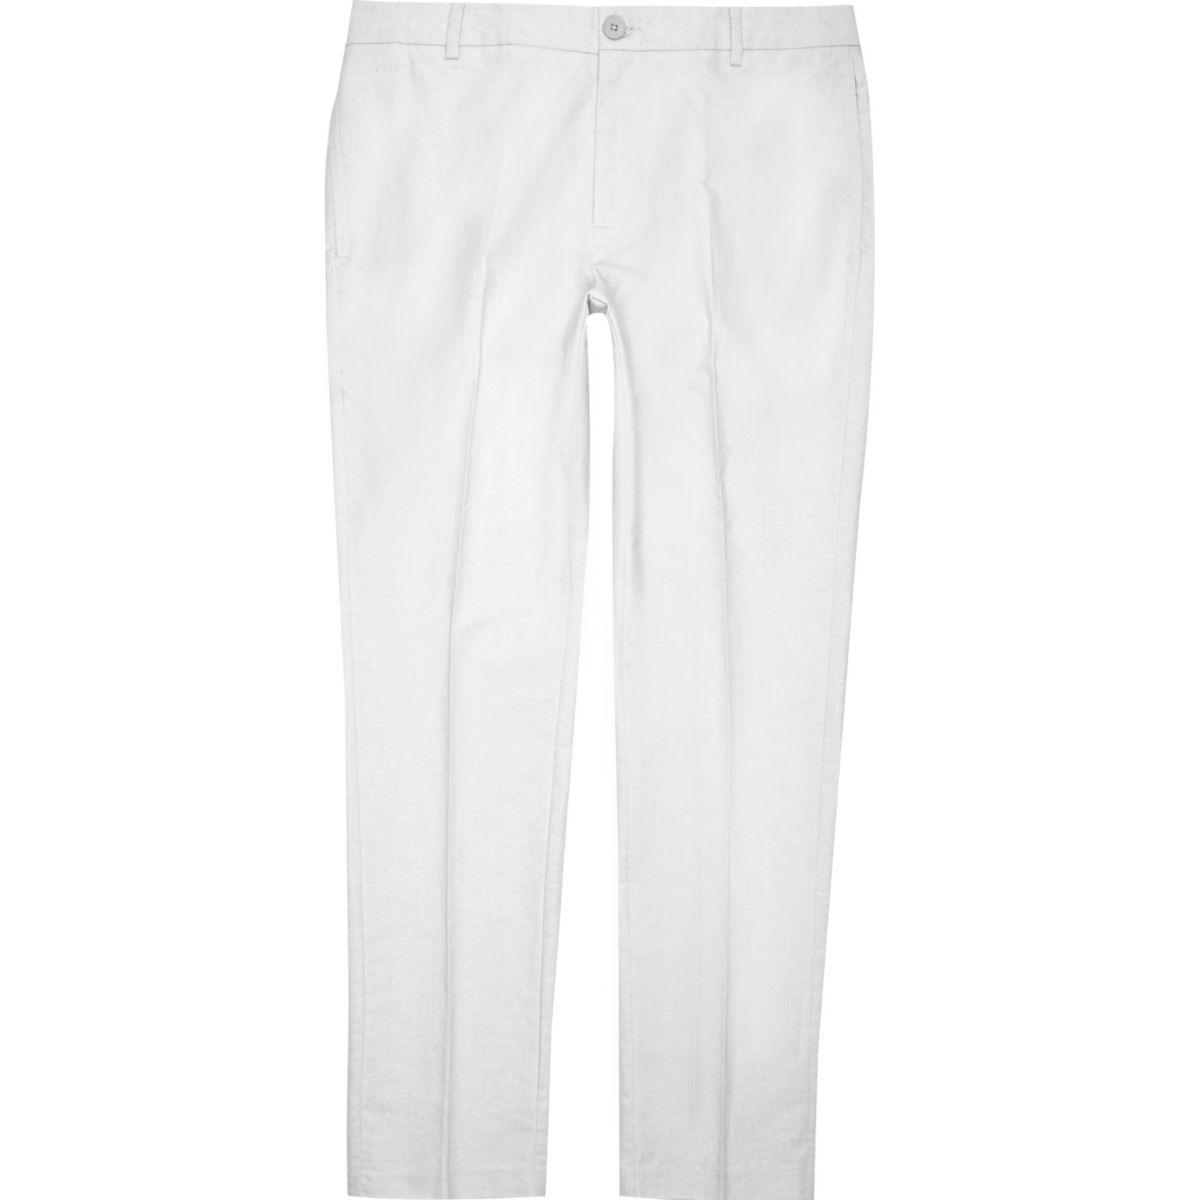 Stone grey cotton pants